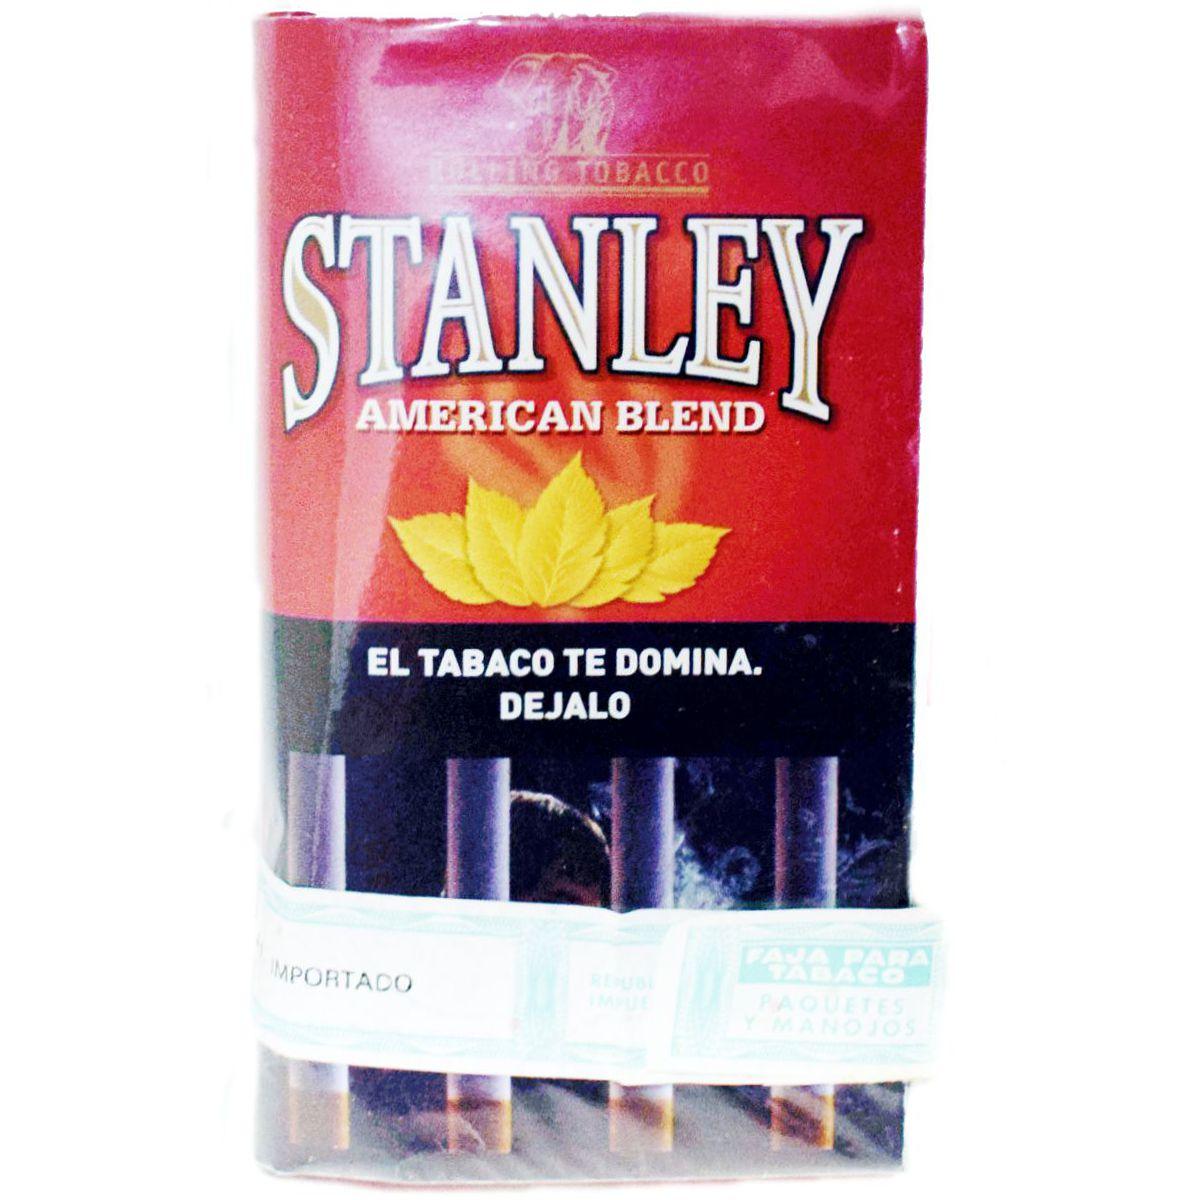 tabaco stanley american precio